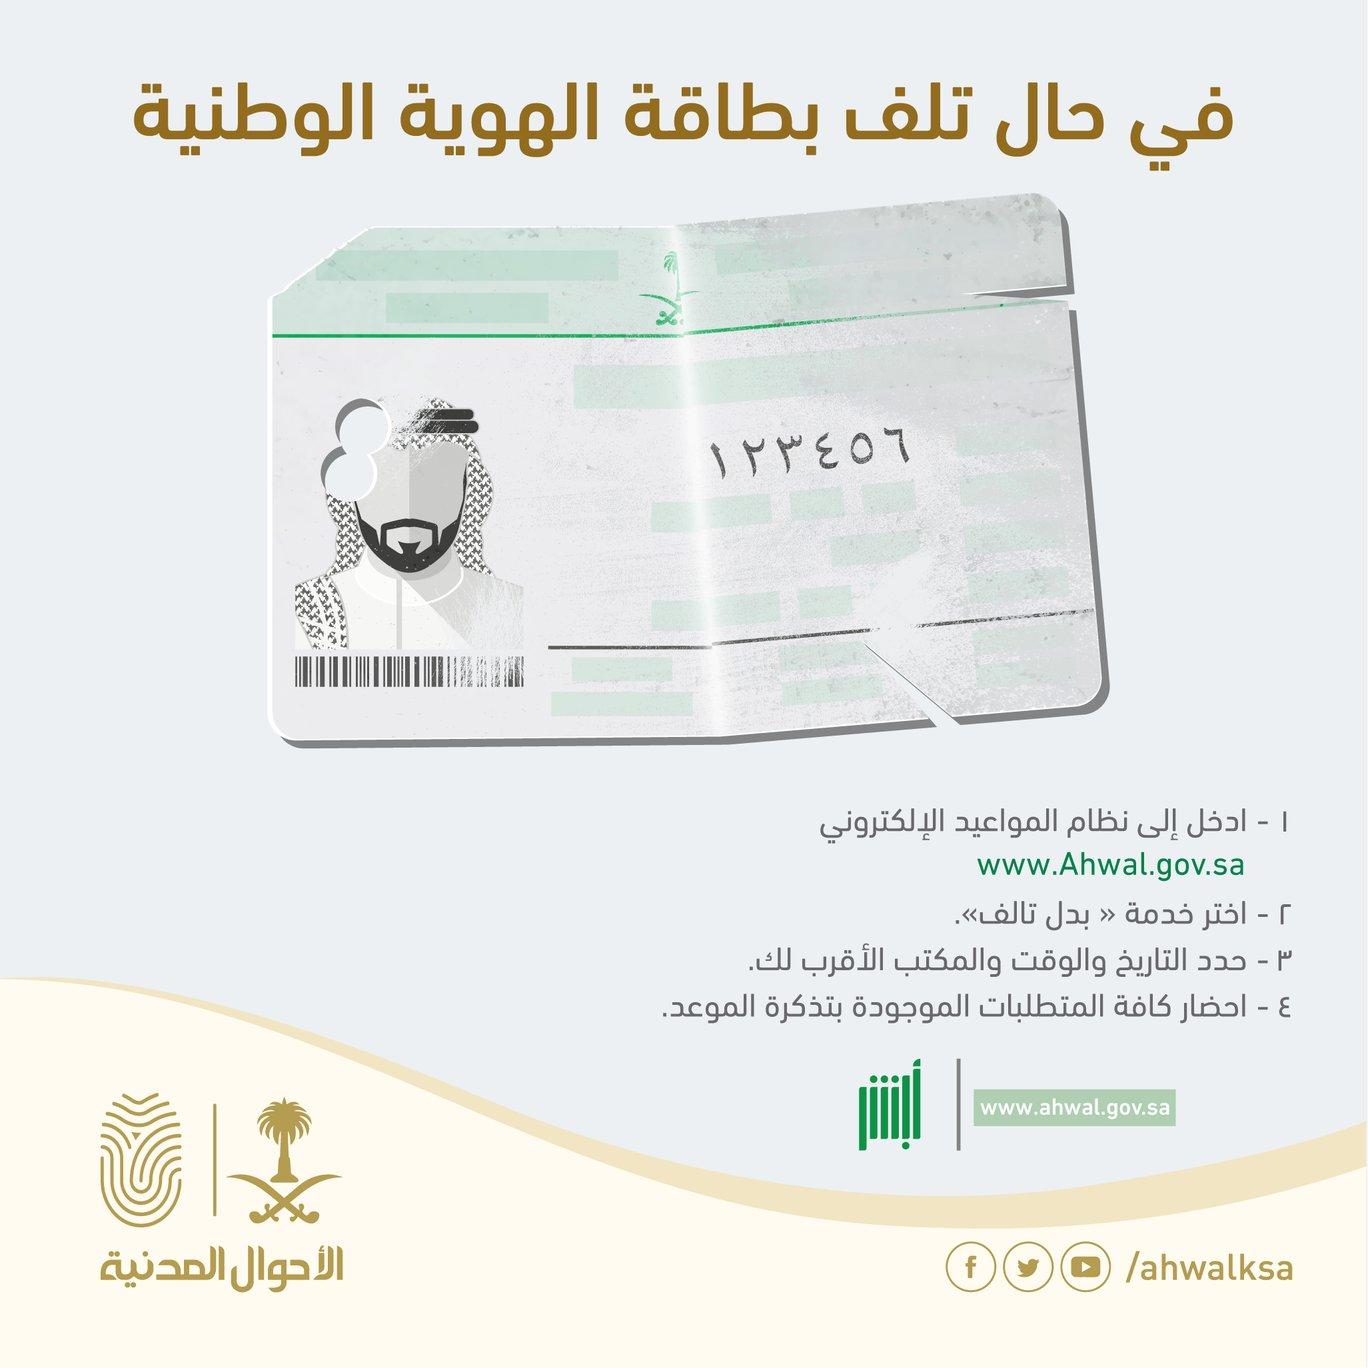 الأحوال المدنية Pa Twitter في حال تلف بطاقة الهوية الوطنية الأحوال المدنية